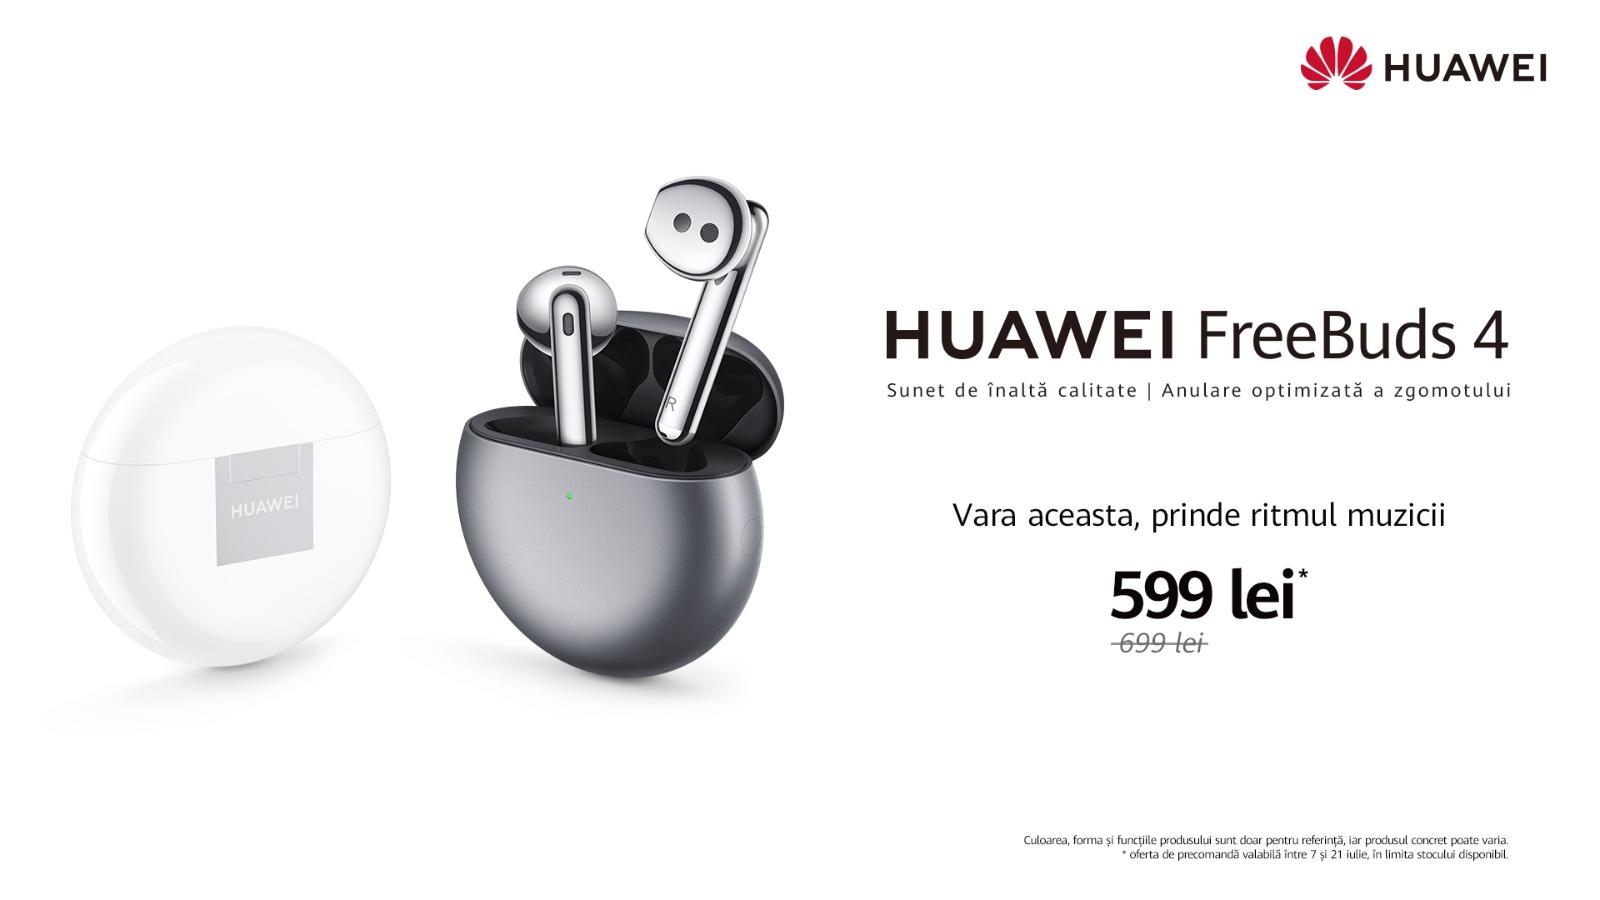 HUAWEI FreeBuds 4, primele căști True Wireless open-fit cu anulare activă a zgomotului